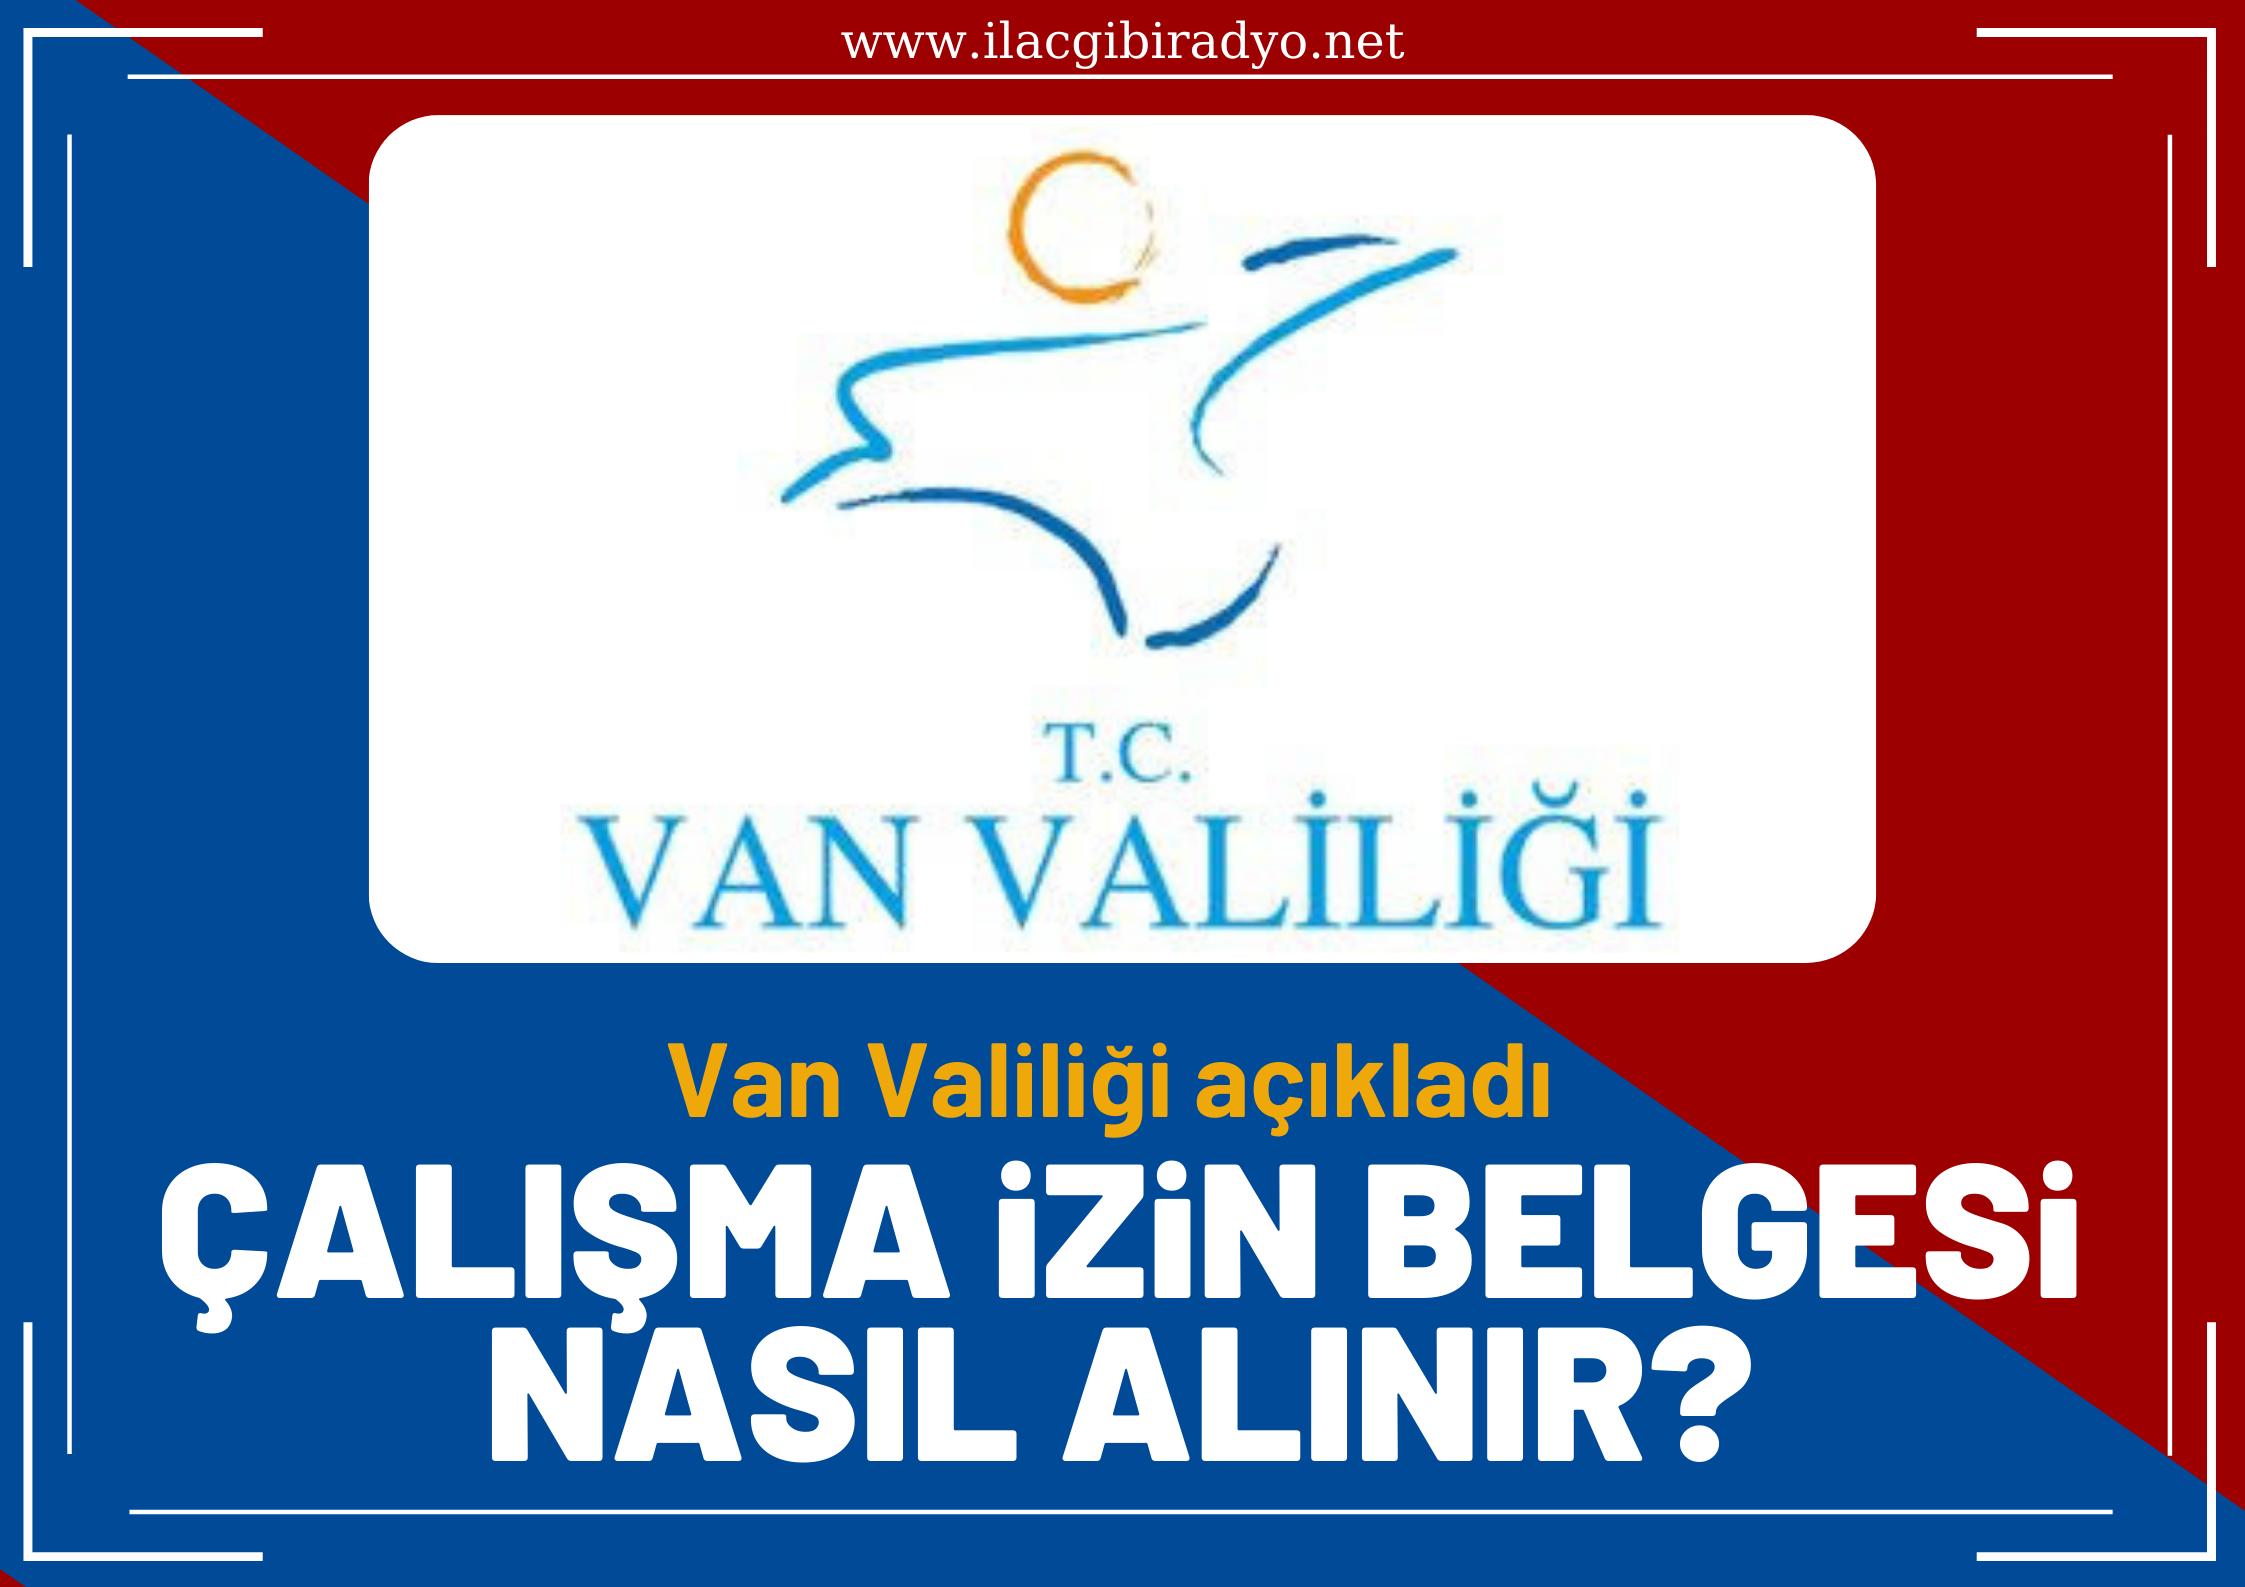 Çalışma izin belgesi nasıl alınır? Van Valiliği açıkladı…